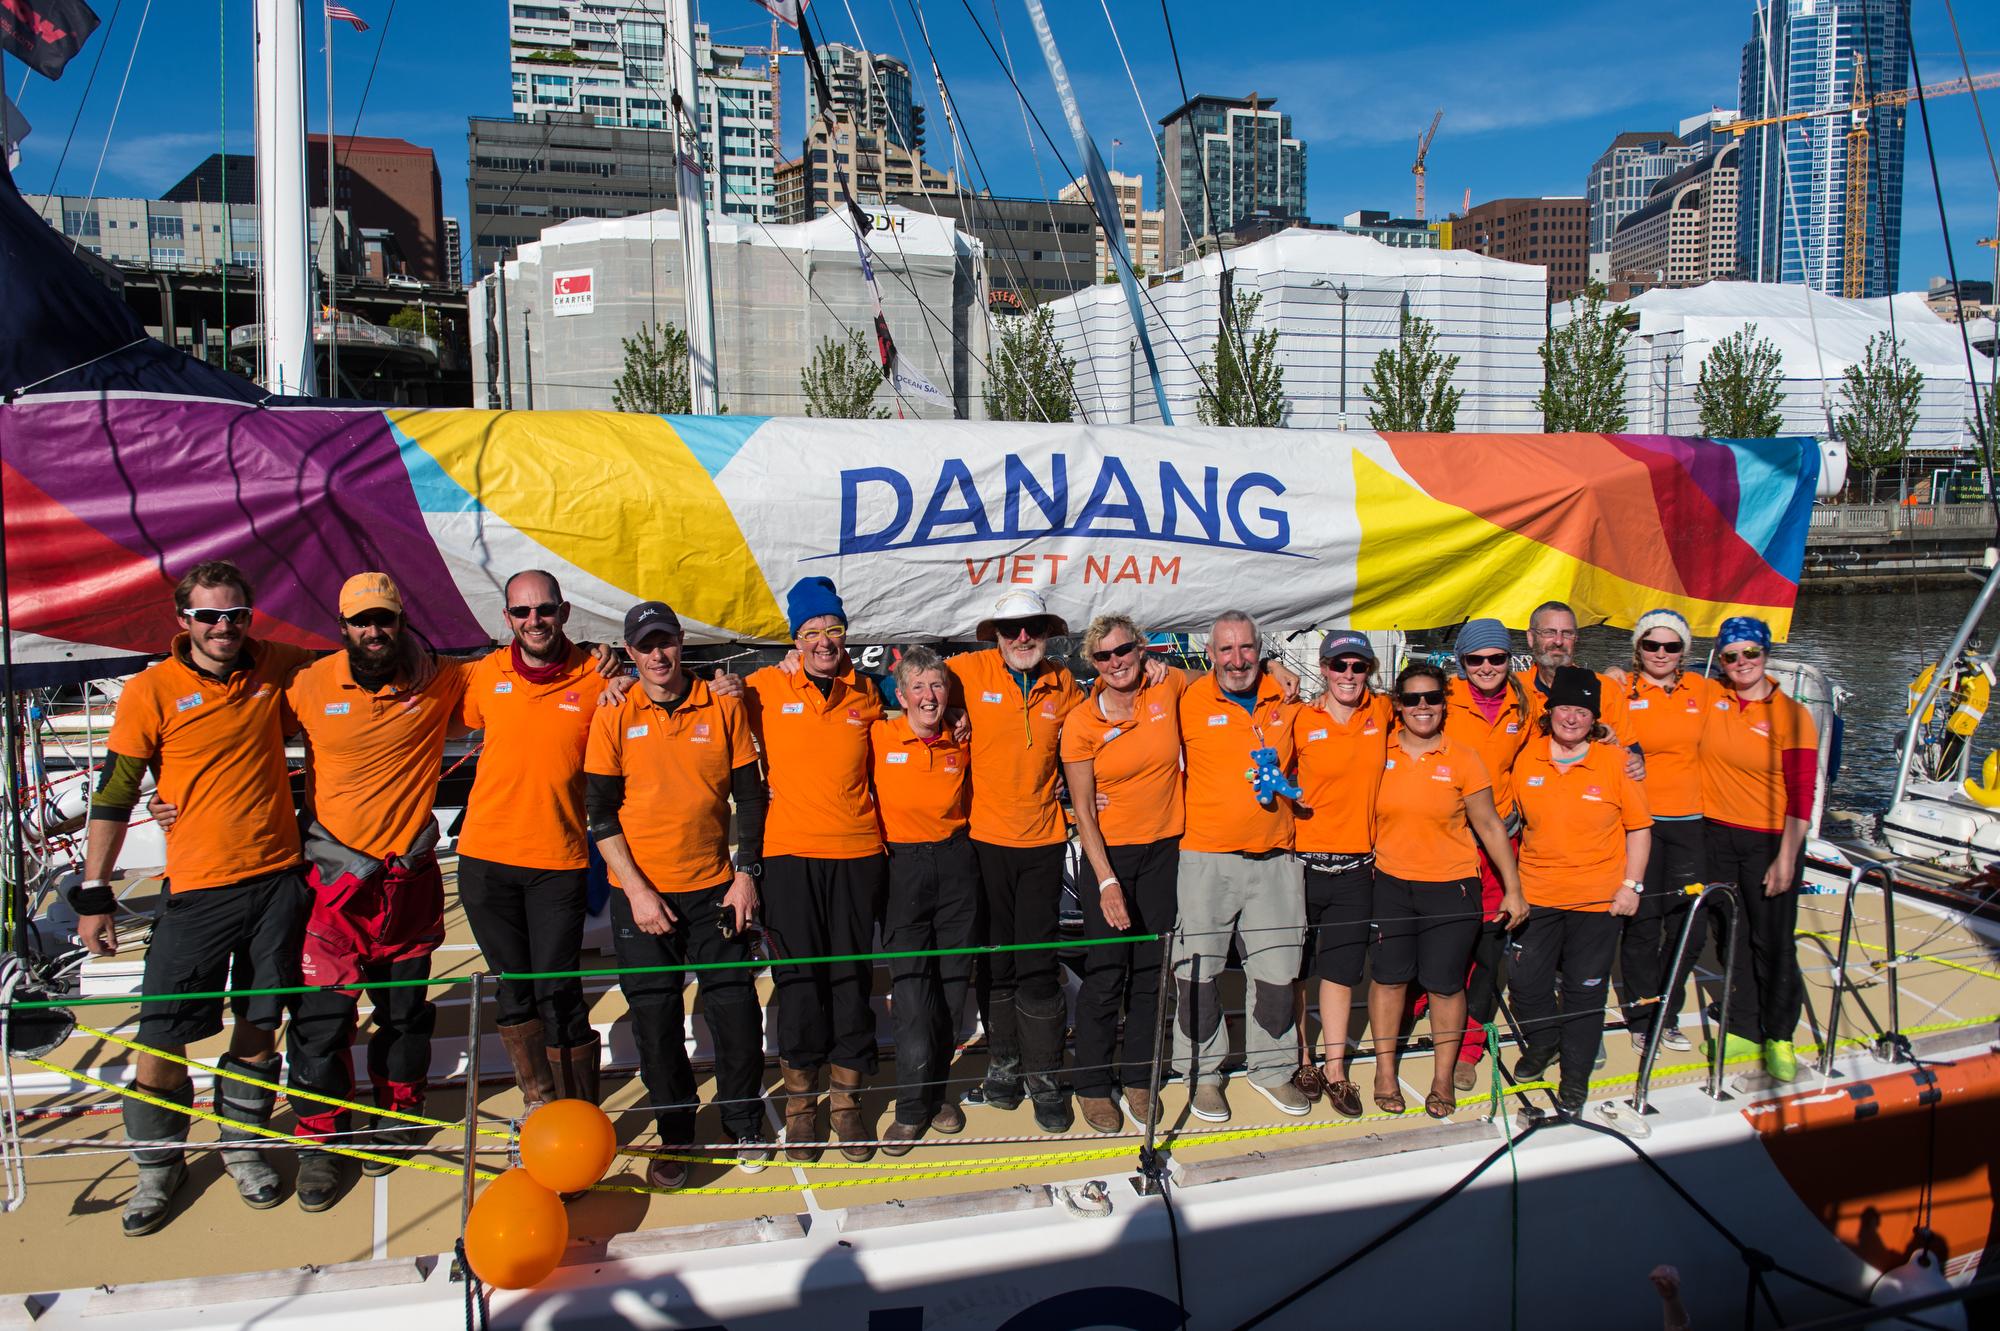 Da Nang Vietnam arrives in Seattle. Clipper 2016